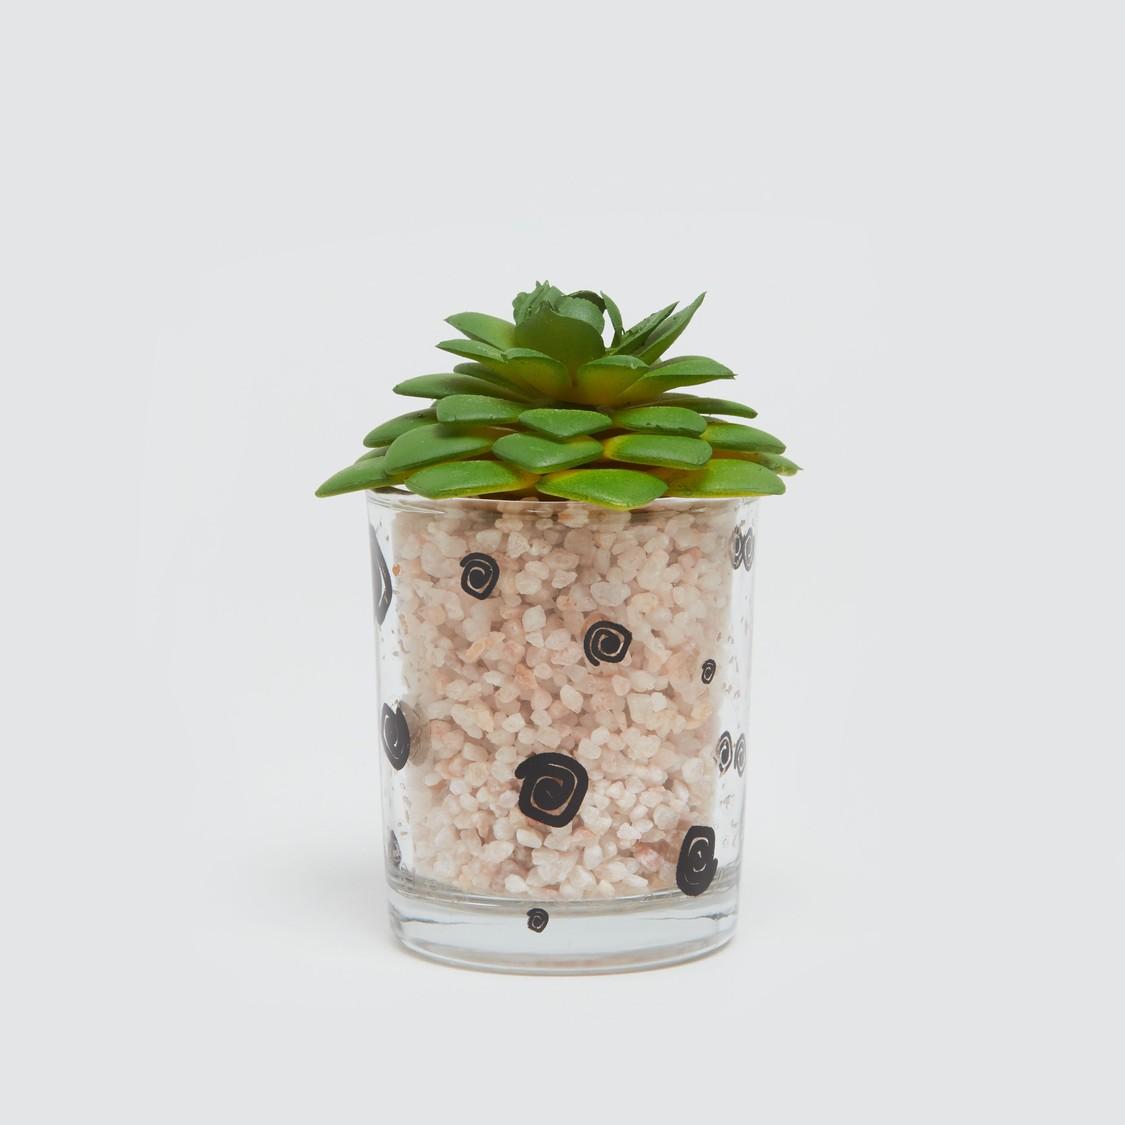 نبات في إصيص - 6x6 سم